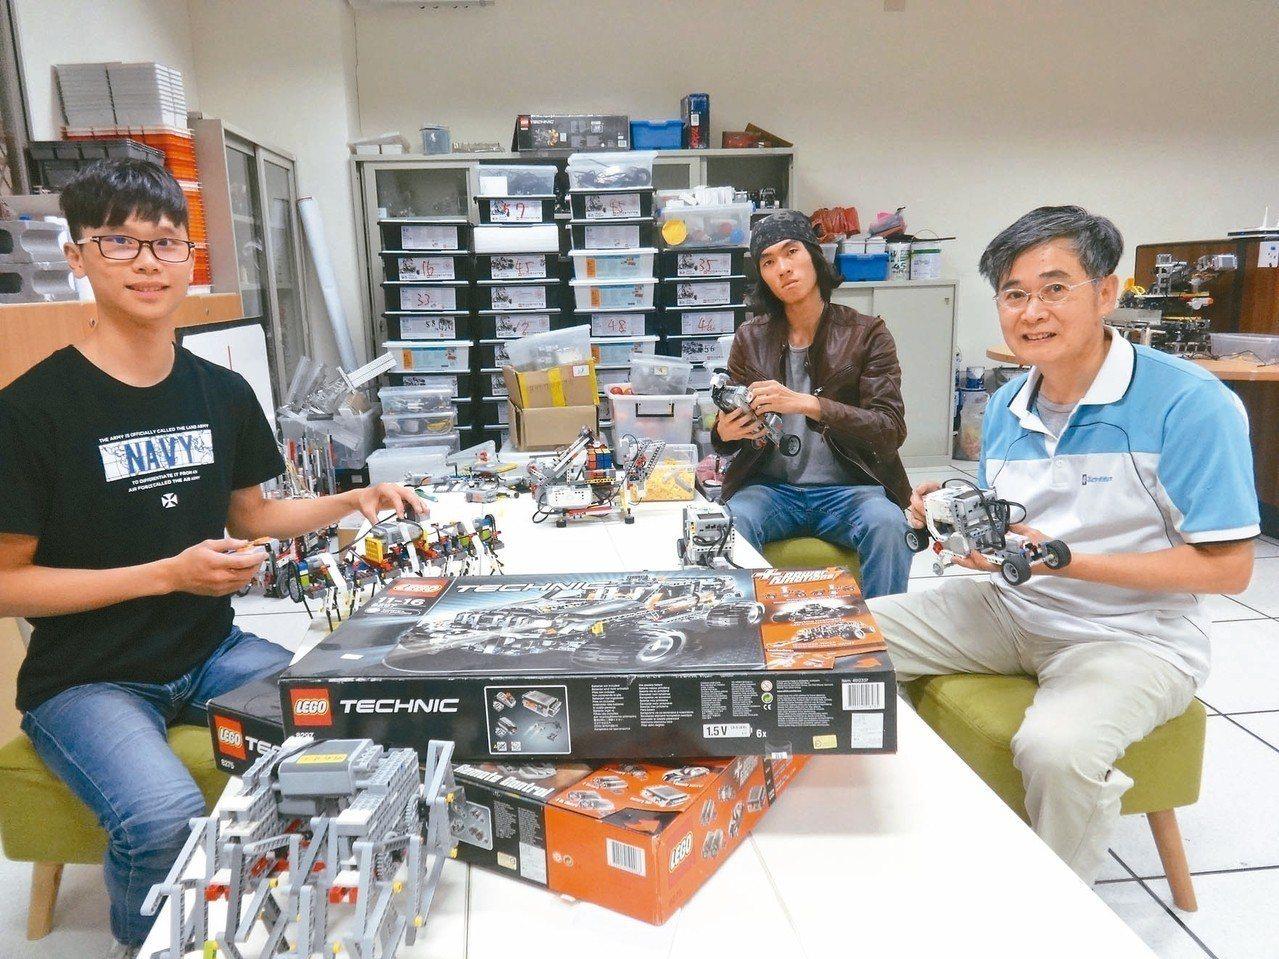 明新科大資工系副教授蘇東興(右),在系上打造樂高創客空間,讓學生研究機械人與程式...